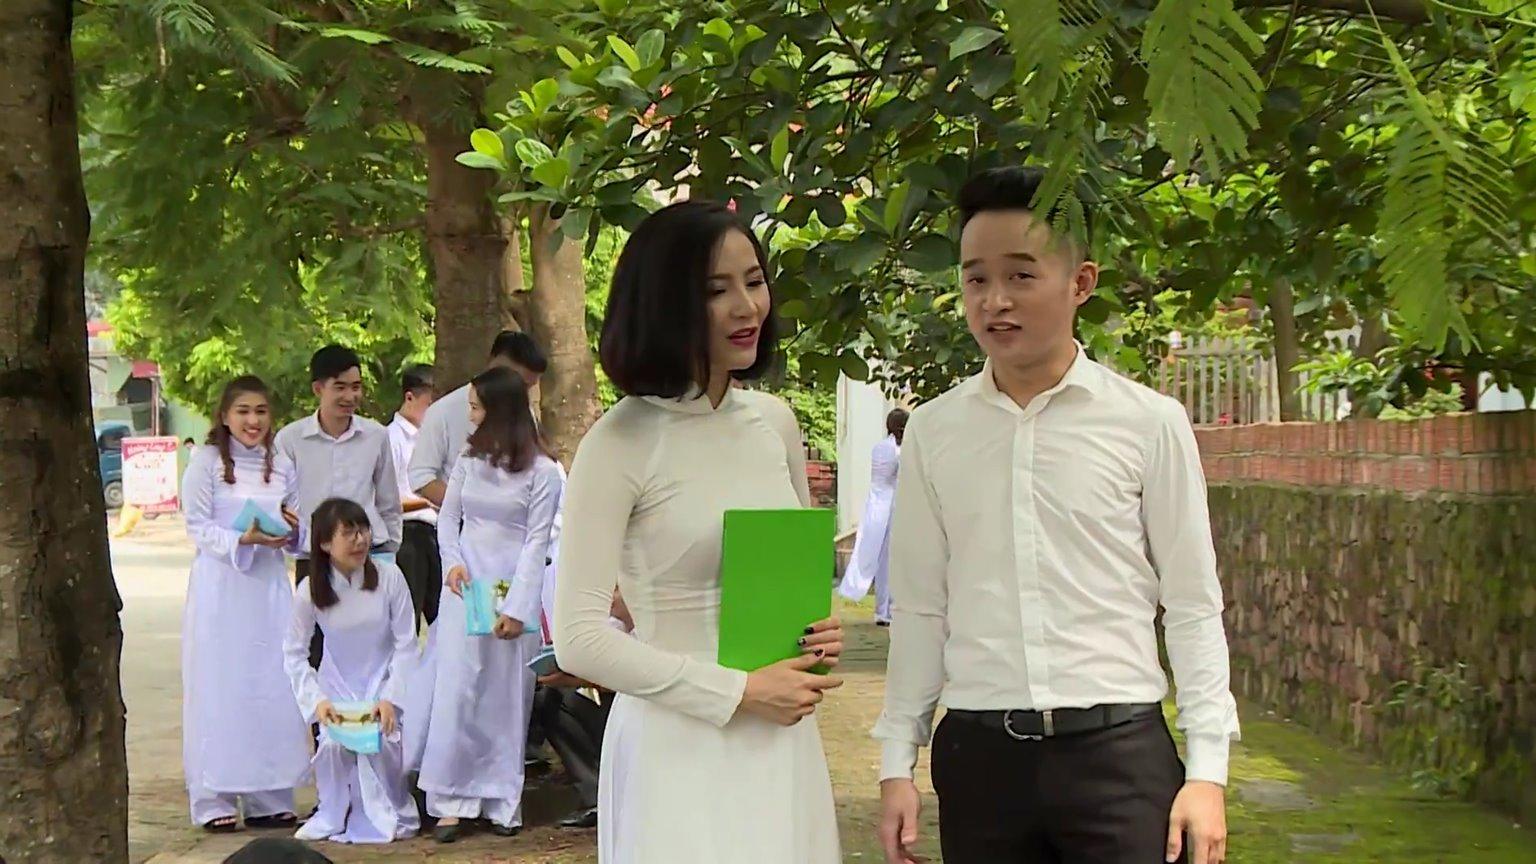 Mãi Nhớ Về Nhau - Trịnh Nam Phương, Hà Minh Ngọc